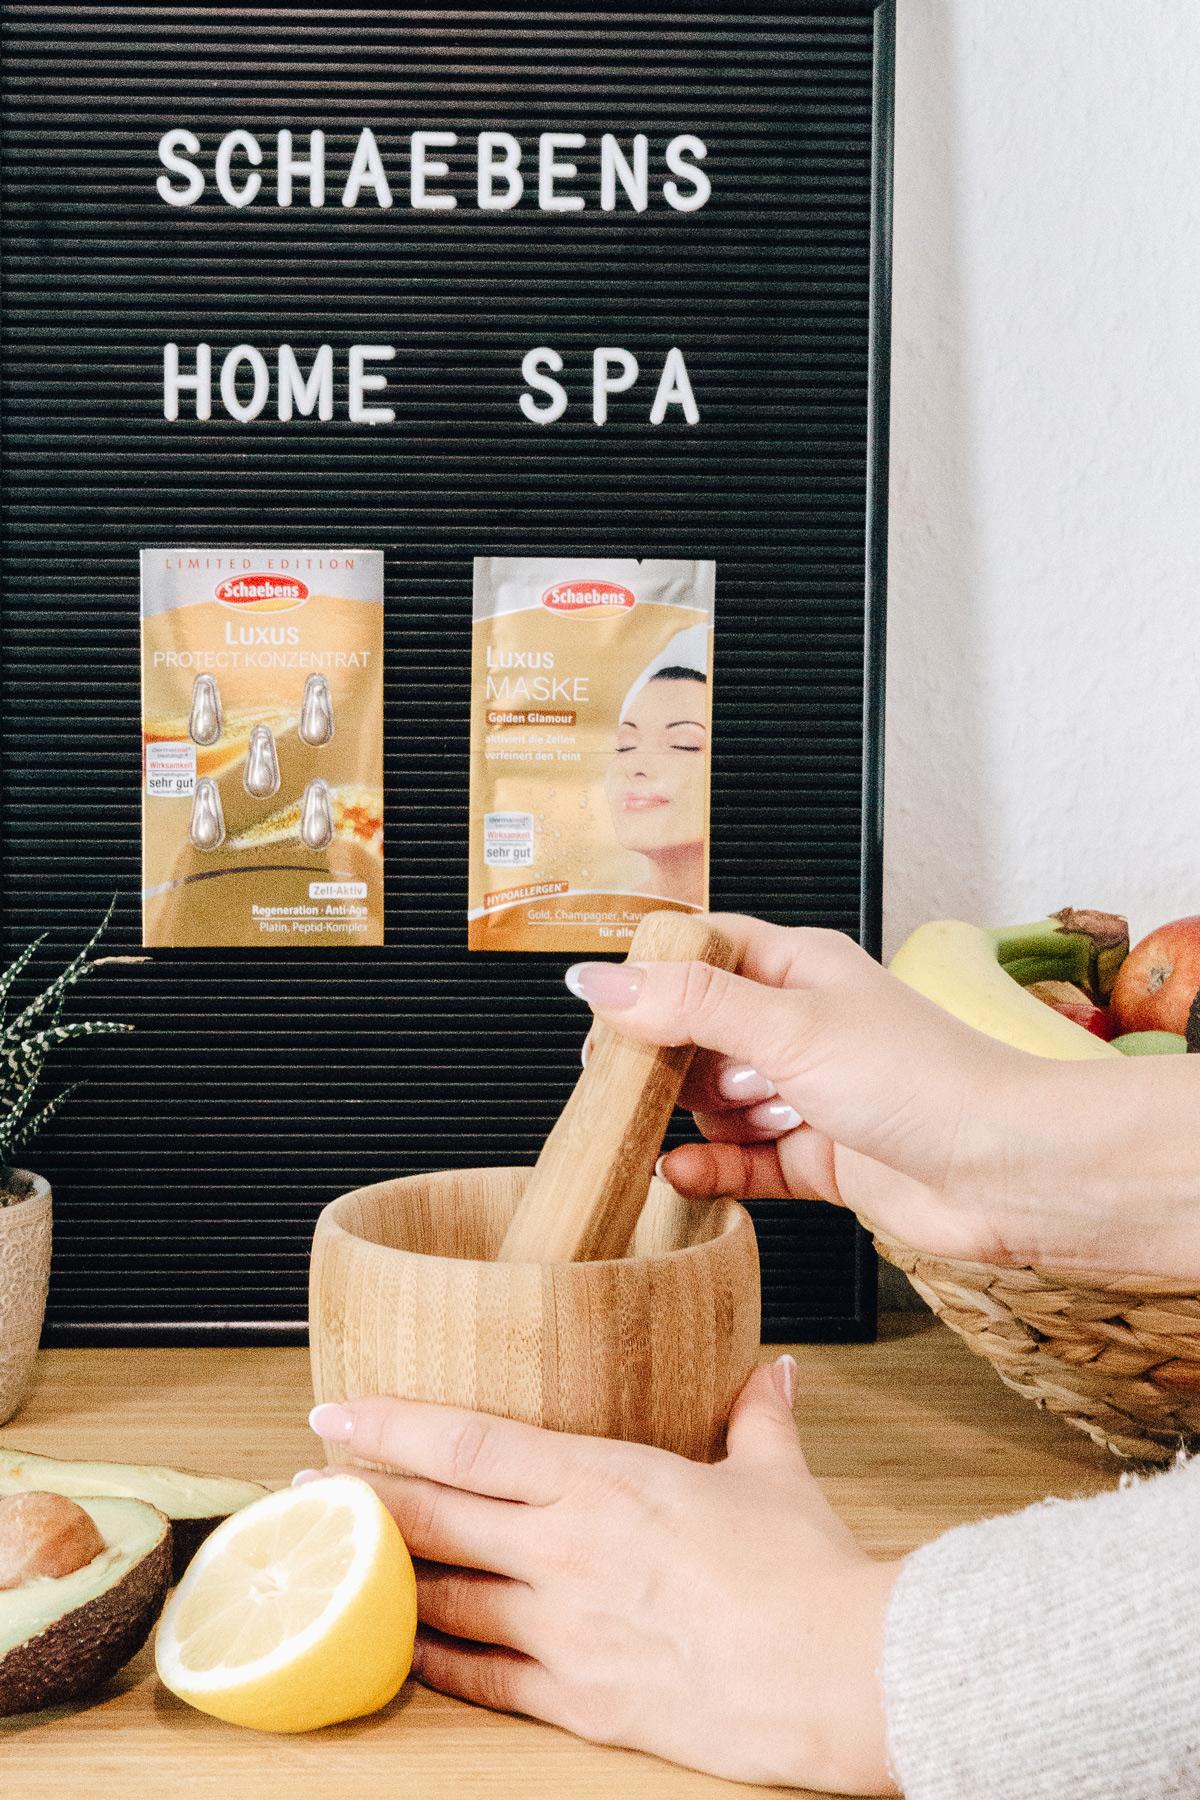 nela-beautytipps-homespa-luxus-konzentrat-schaebens